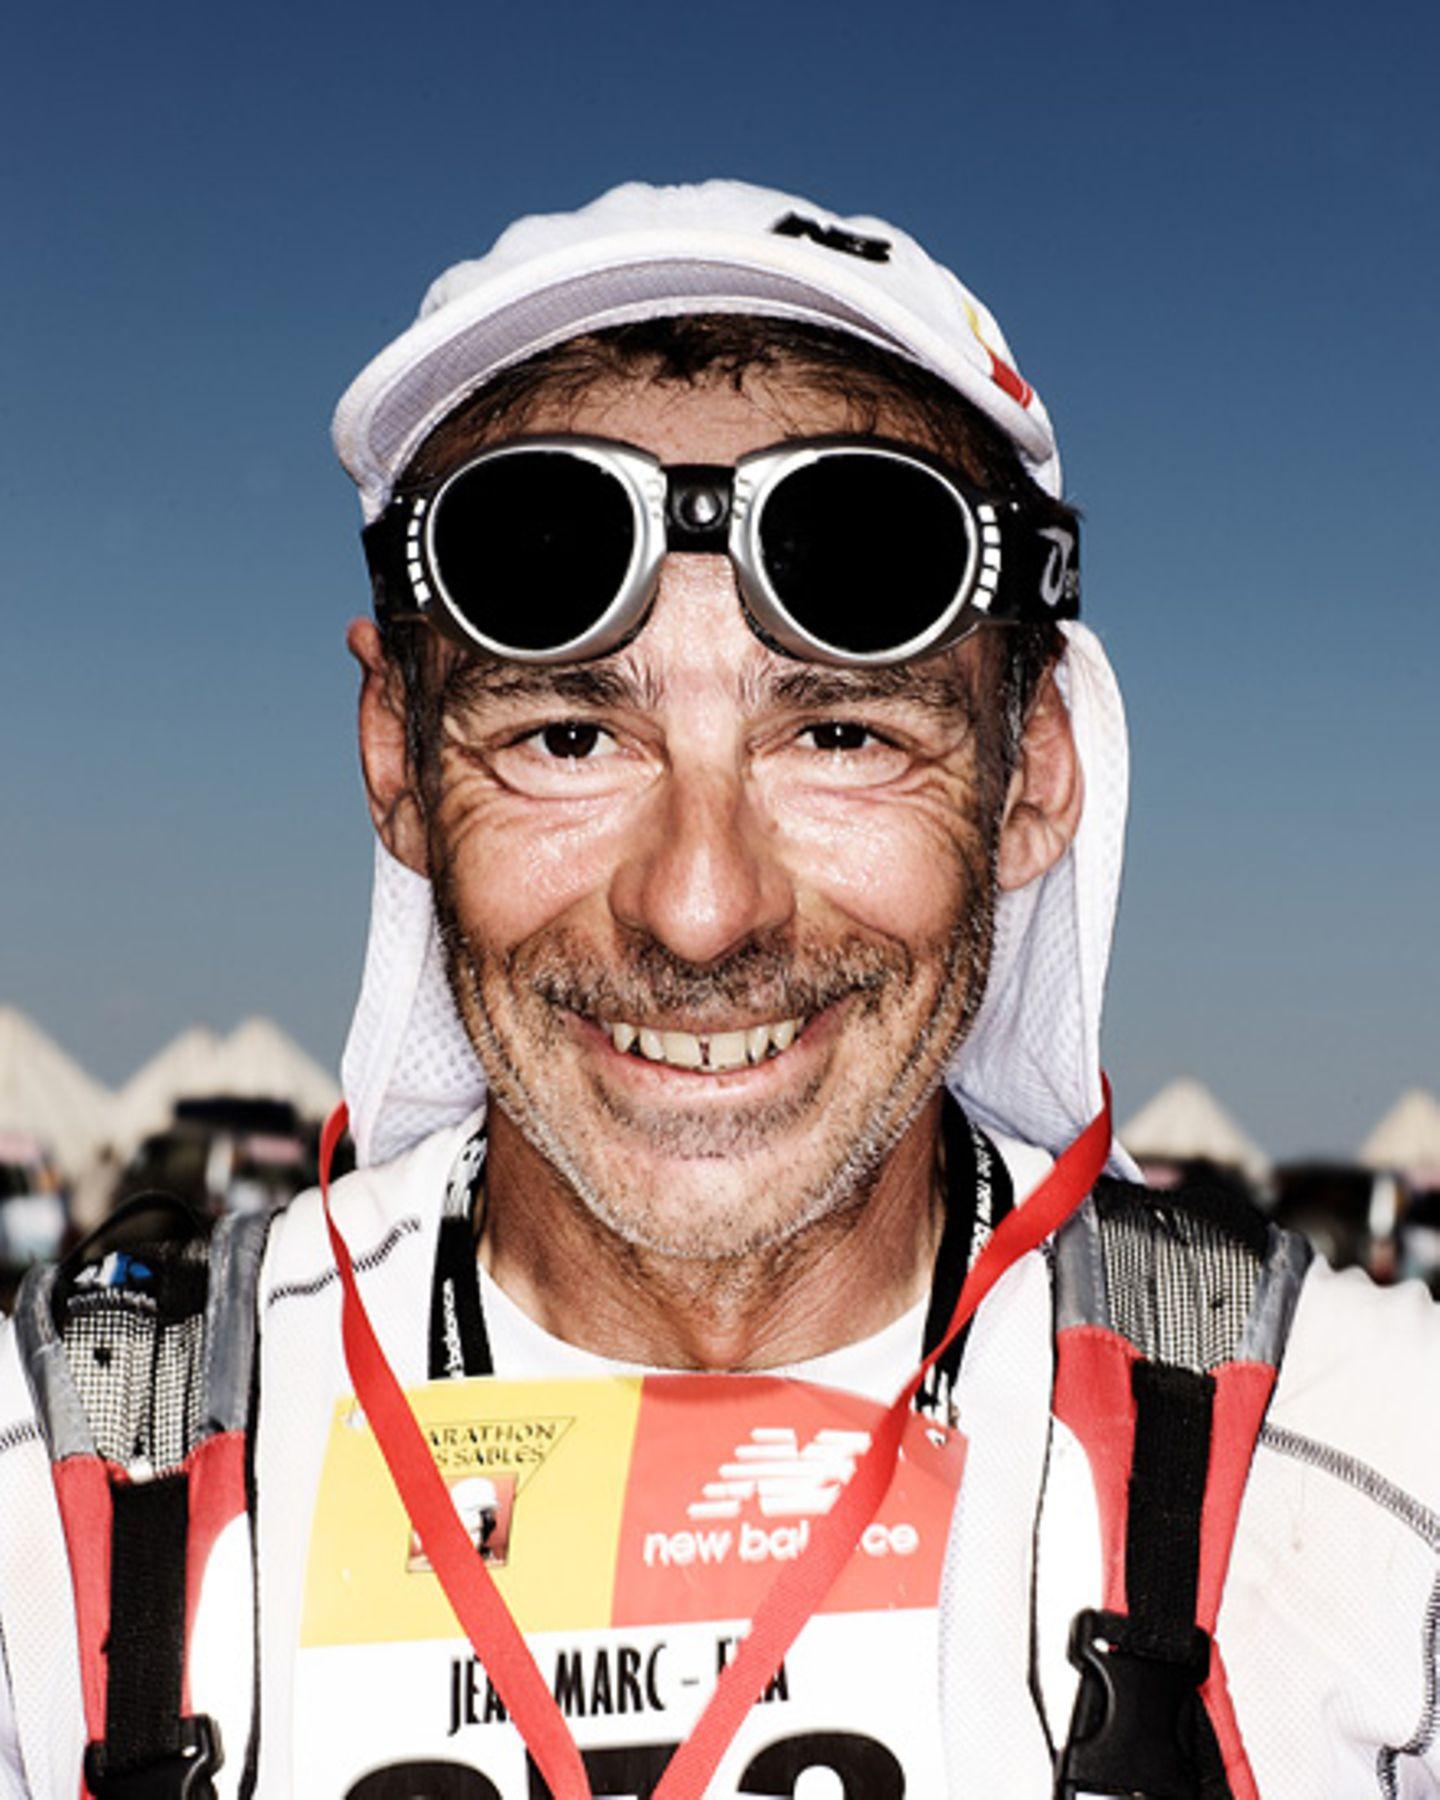 Marokko: Marathon durch die Wüste - Bild 9